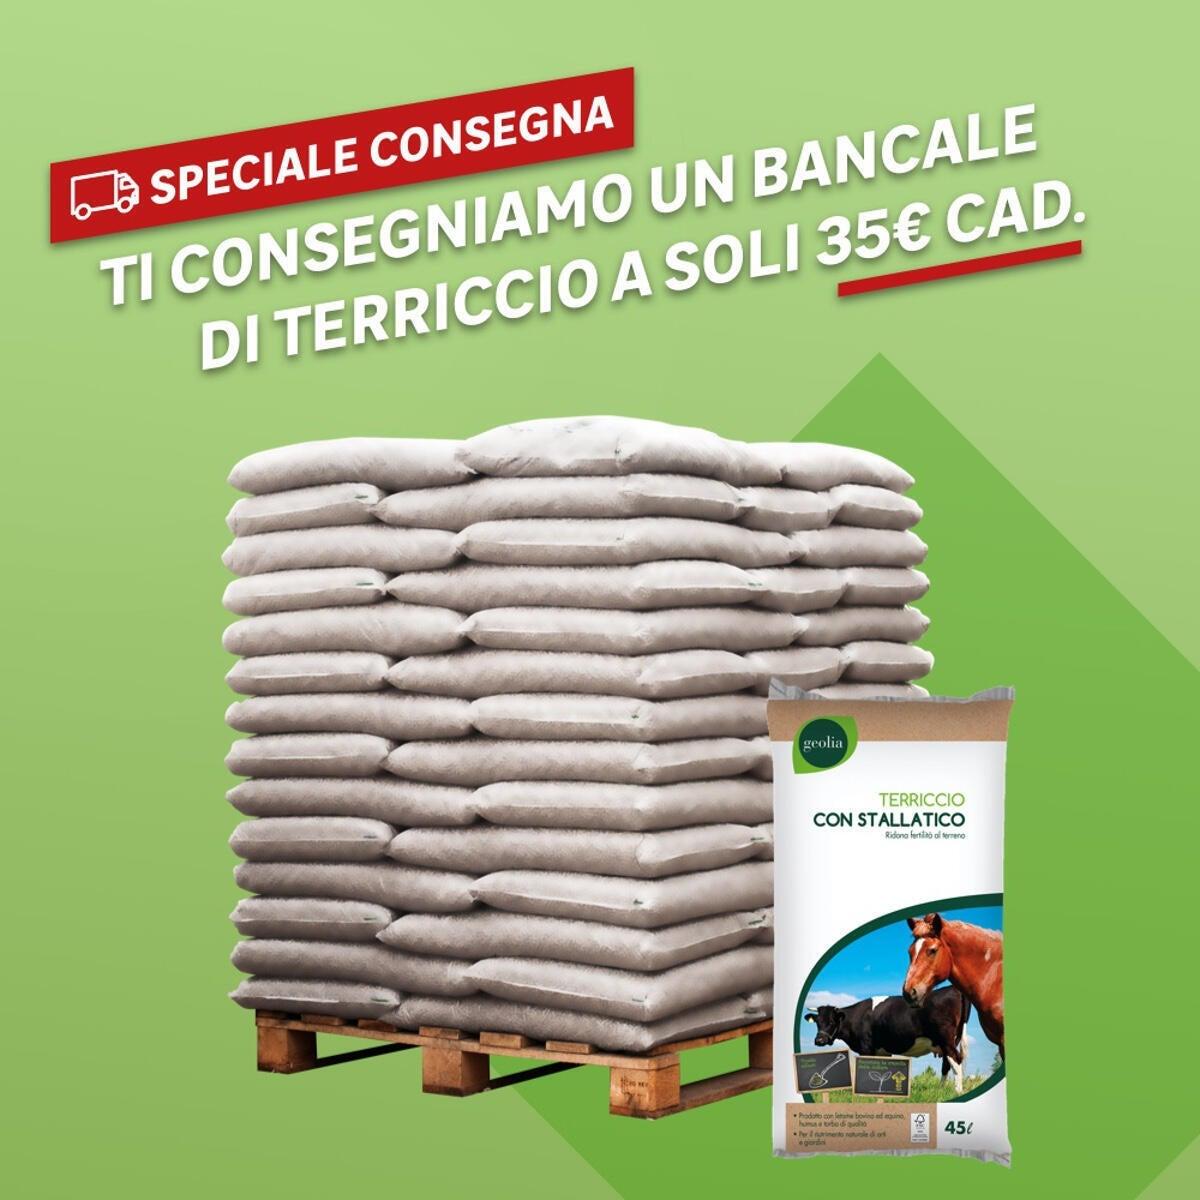 Stallatico GEOLIA BANCALE 2700 L - 1